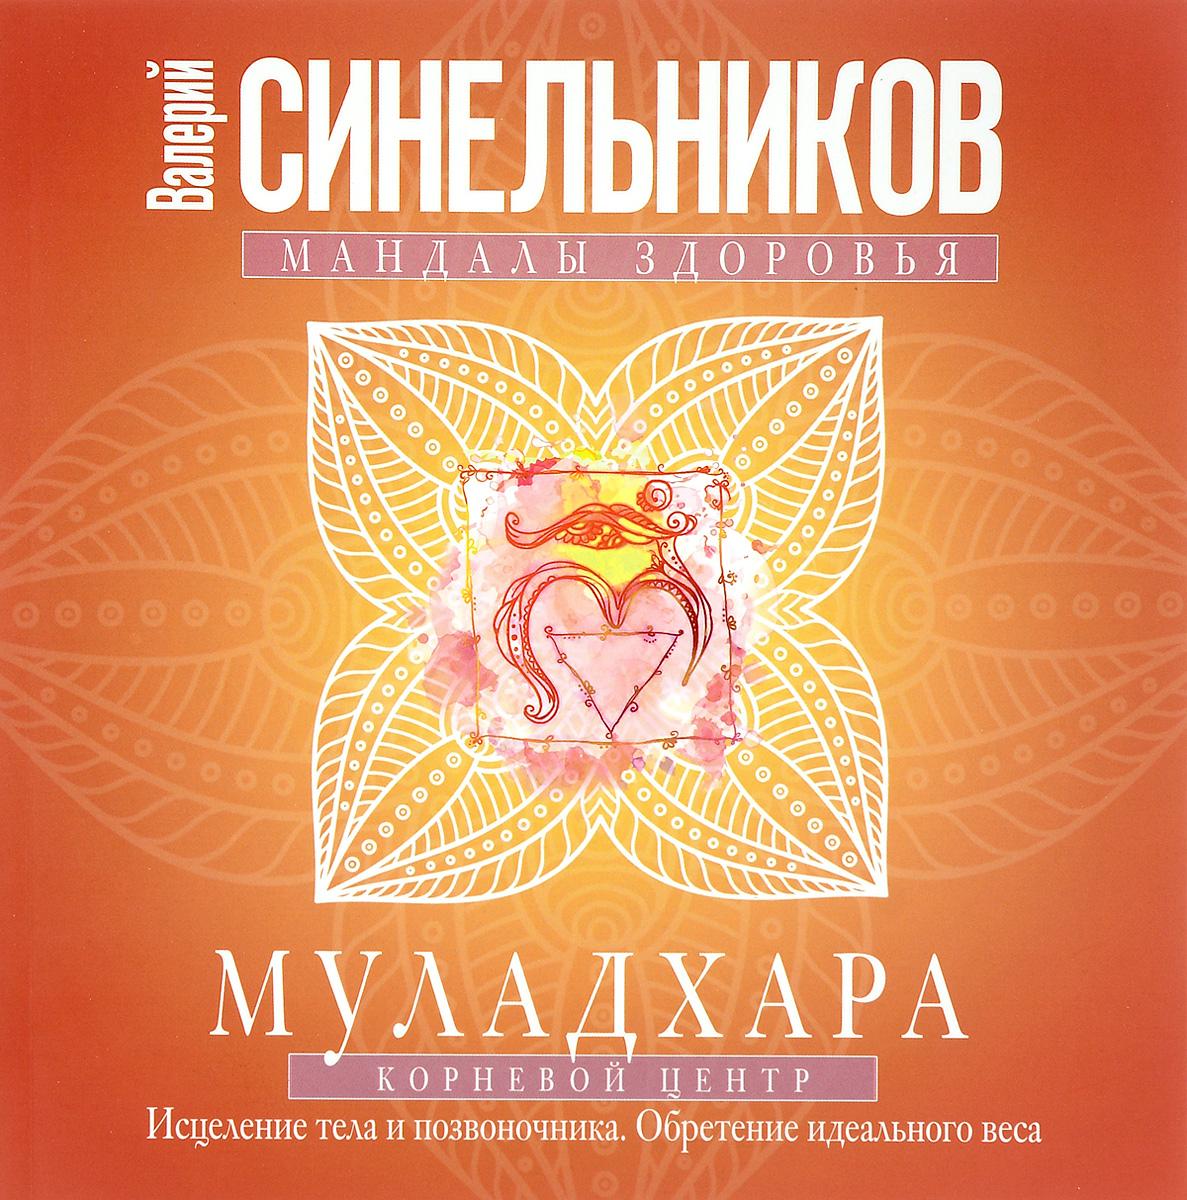 Фото Валерий Синельников Муладхара. Корневой центр. Купить  в РФ